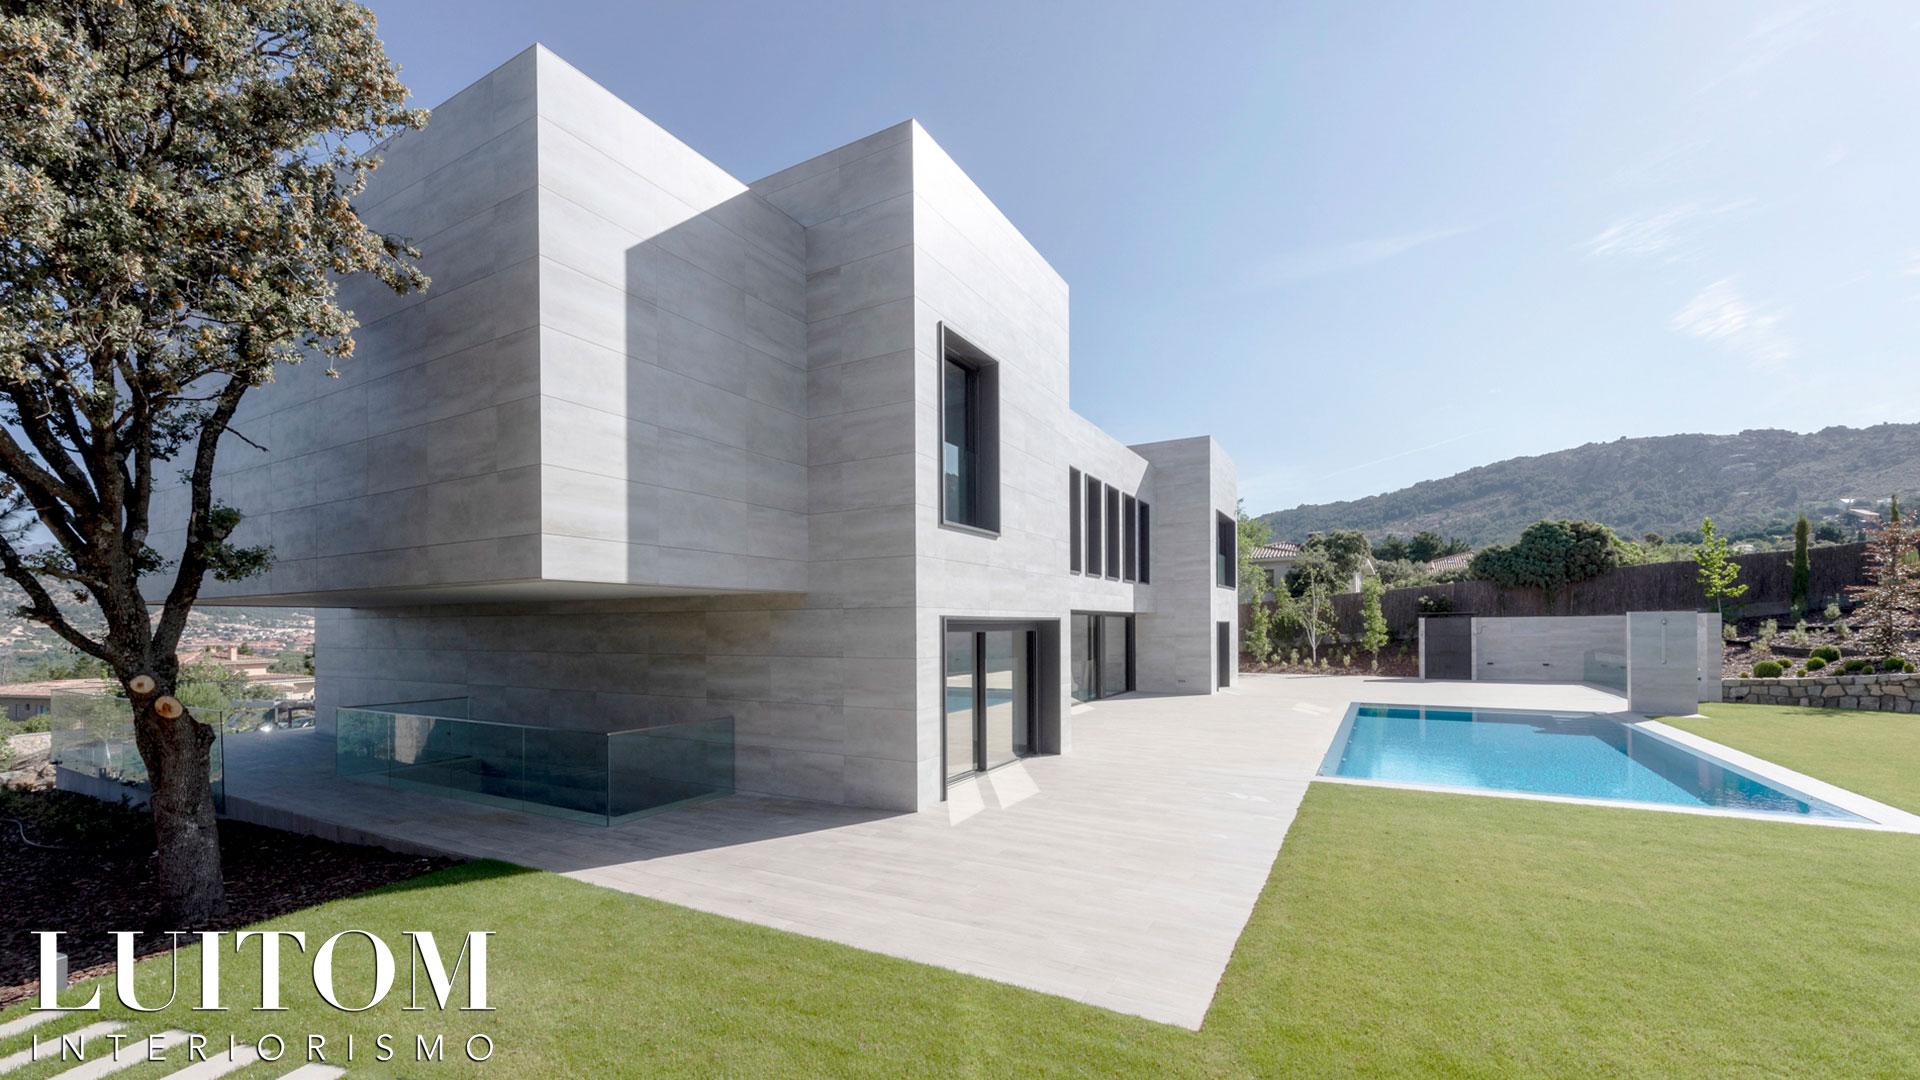 proyecto-arquitectura-construccion-casas-modernas-villas-lujo-madrid-malaga-valencia-arquitectos-luxury-house-spain-architects-019